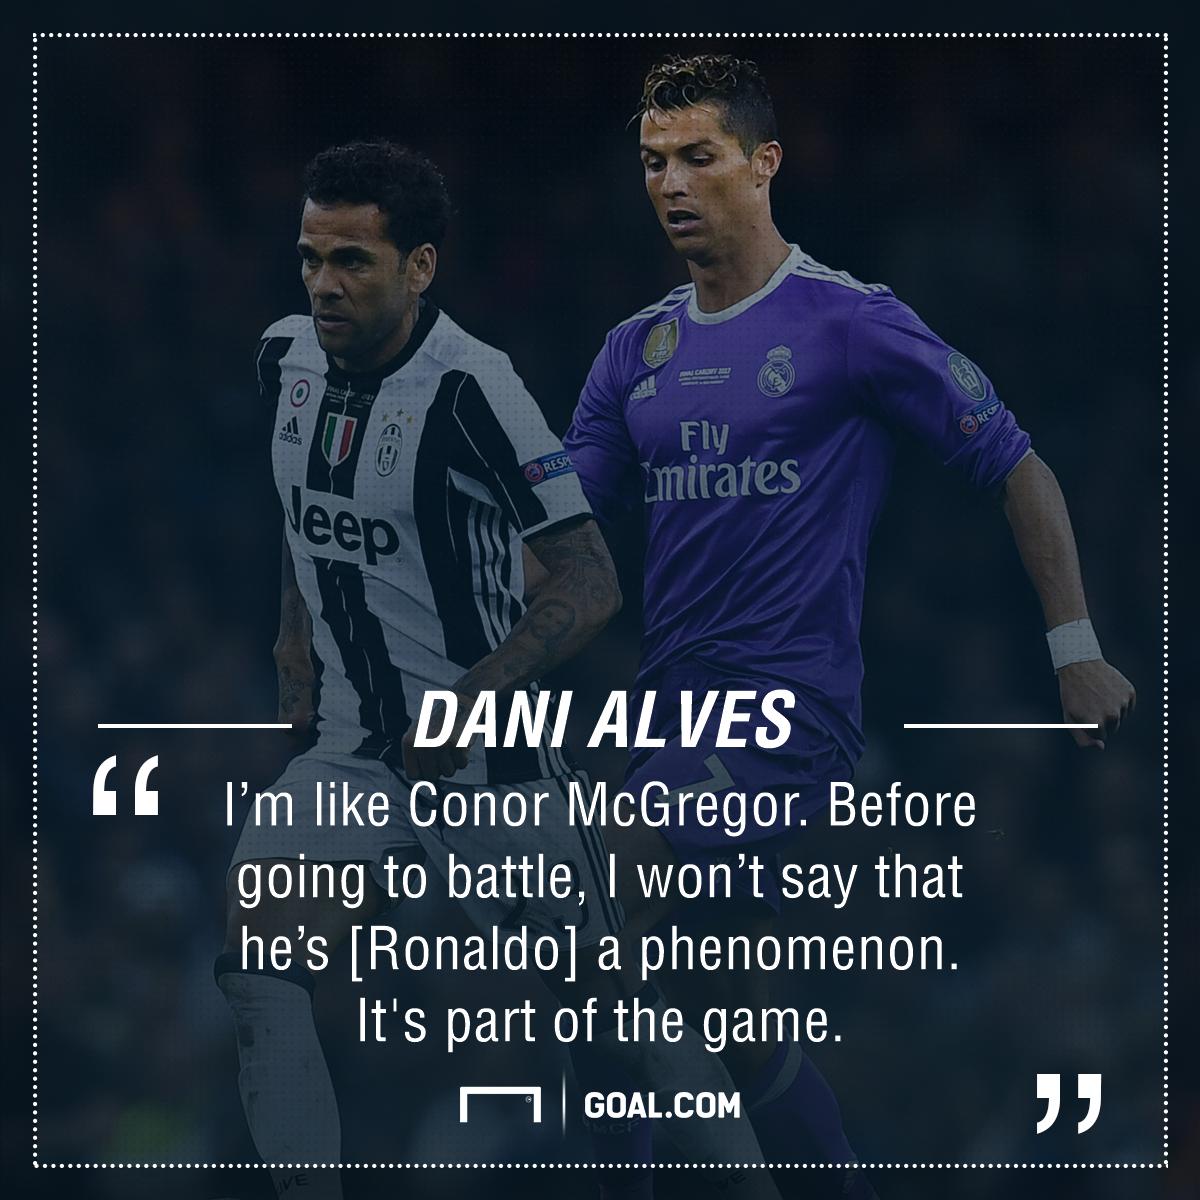 Dani Alves Cristiano Ronaldo Conor McGregor